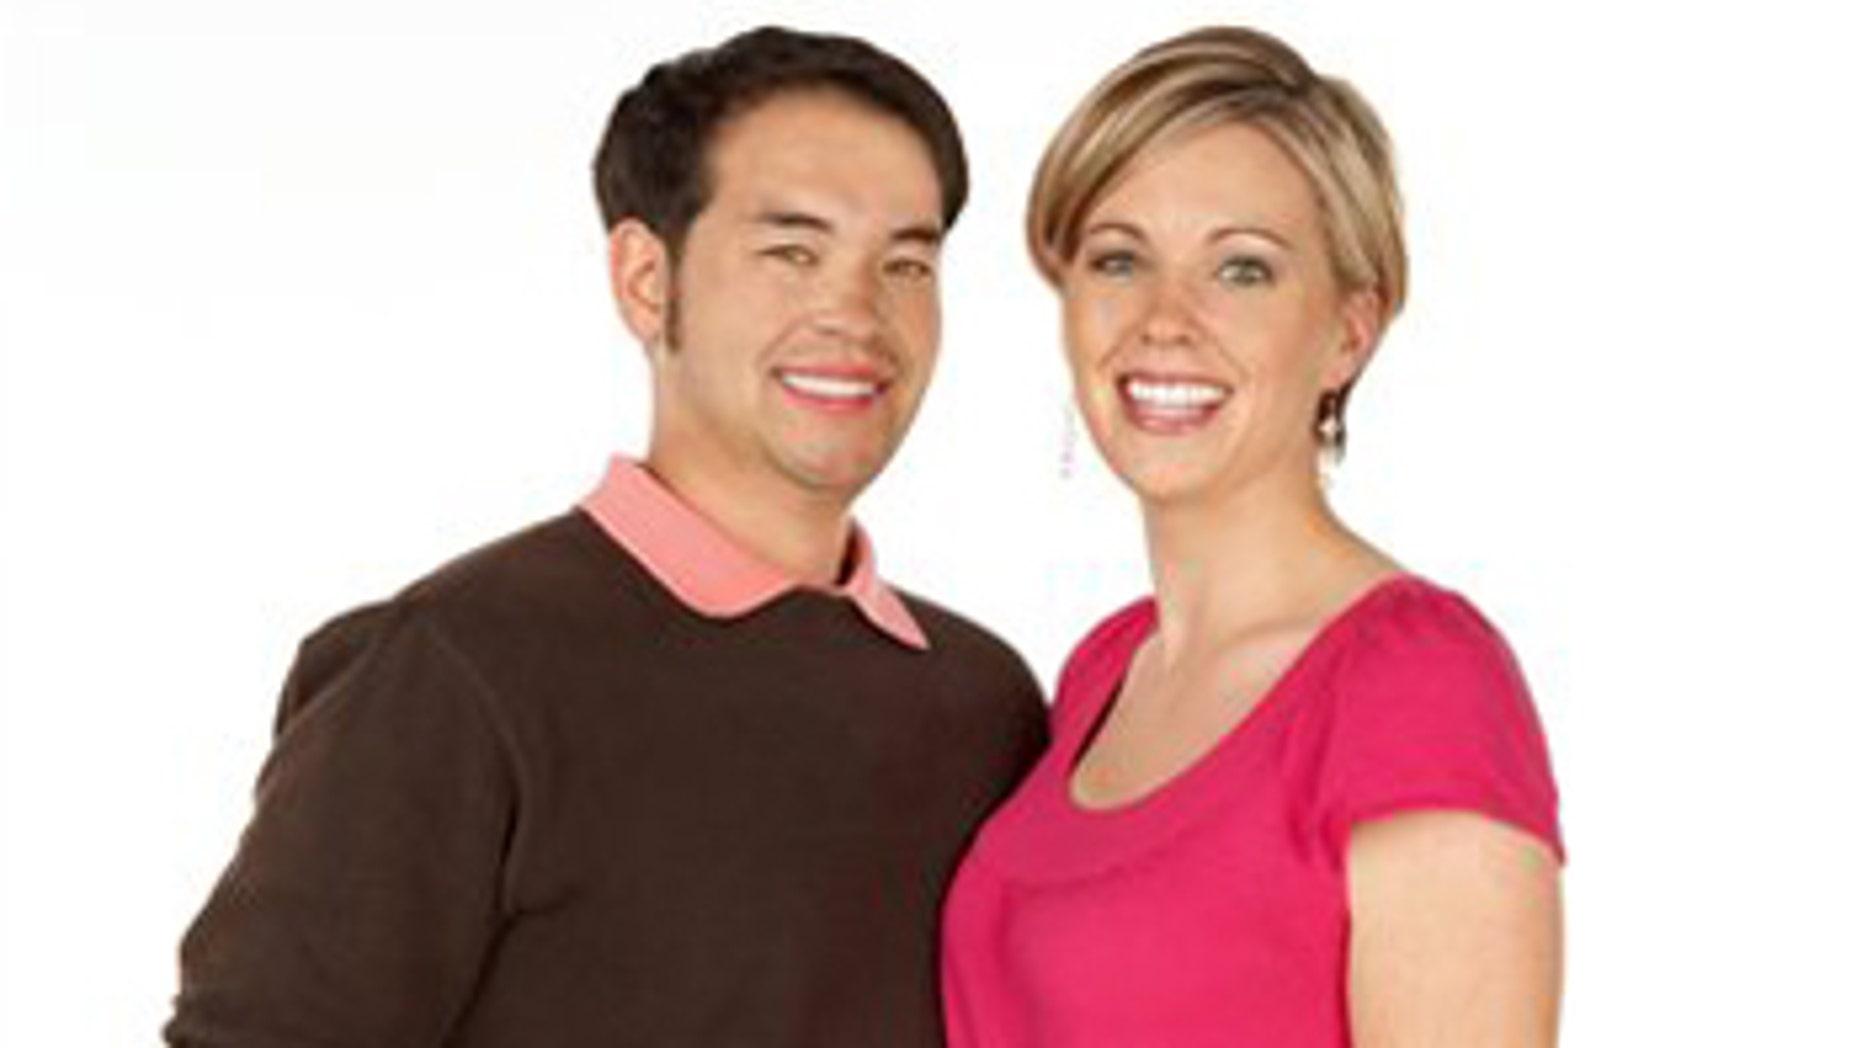 """Jon Gosselin, left, and his wife Kate Gosselin, from the TLC series, """"Jon & Kate Plus 8."""""""